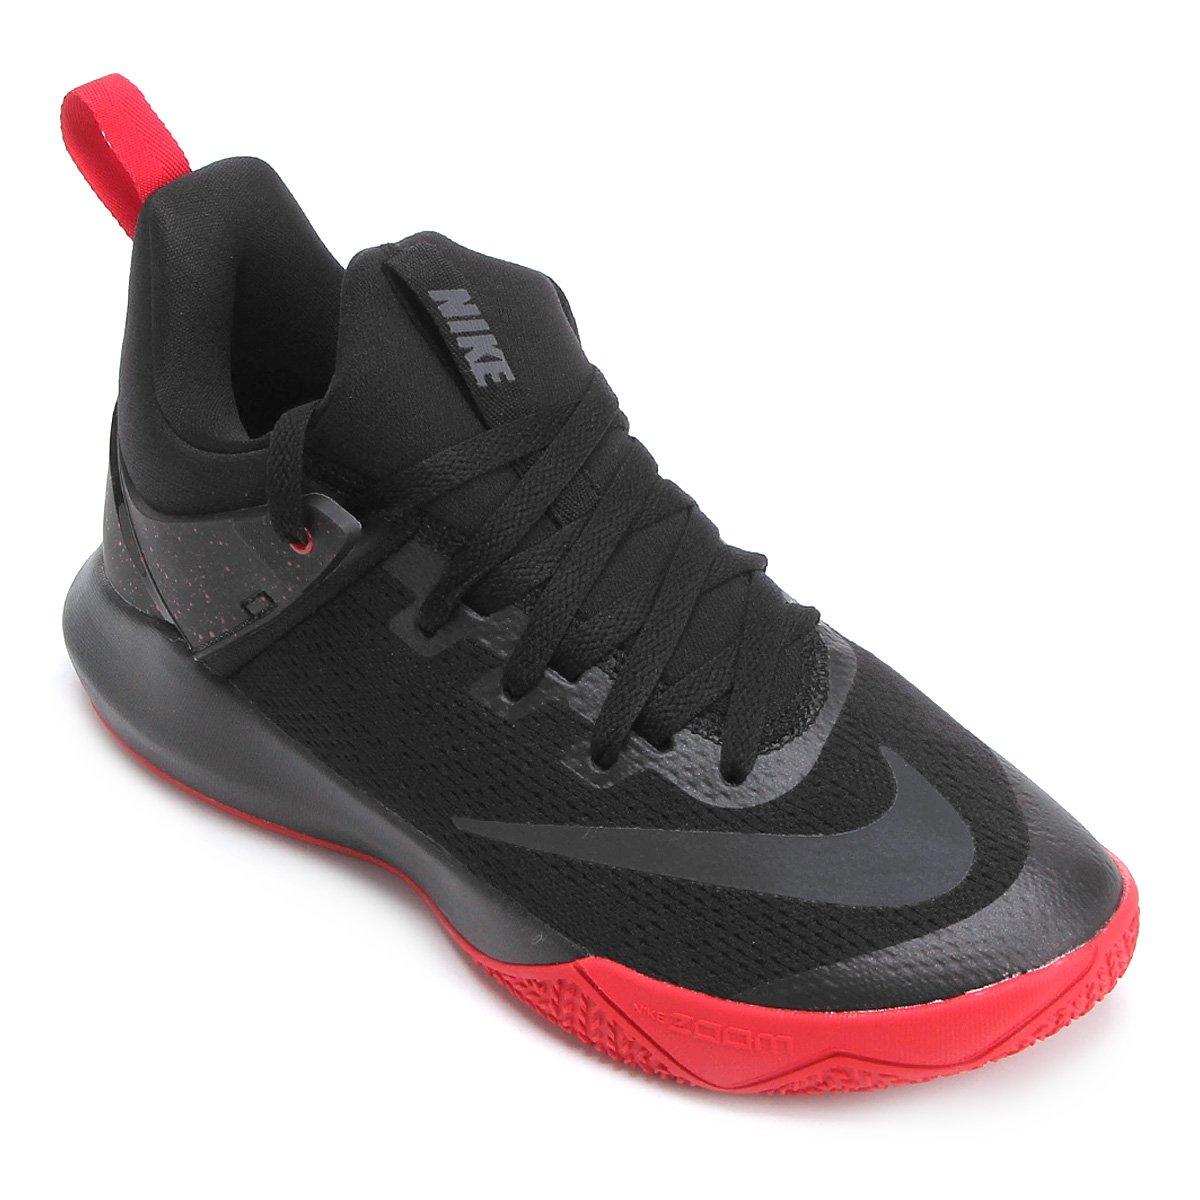 3aad739a0c43 Tênis Nike Zoom Shift Masculino - Preto e Vermelho - Compre Agora ...